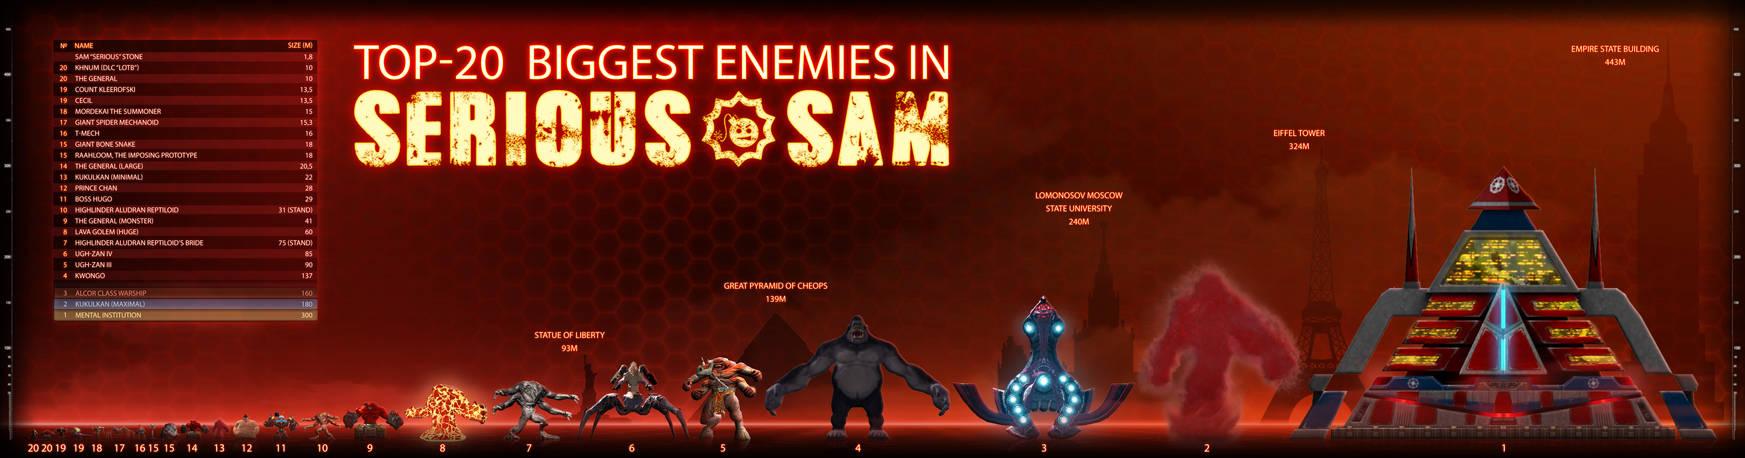 TOP-20 Biggest Enemies in SERIOUS SAM series by ImmortalTartal